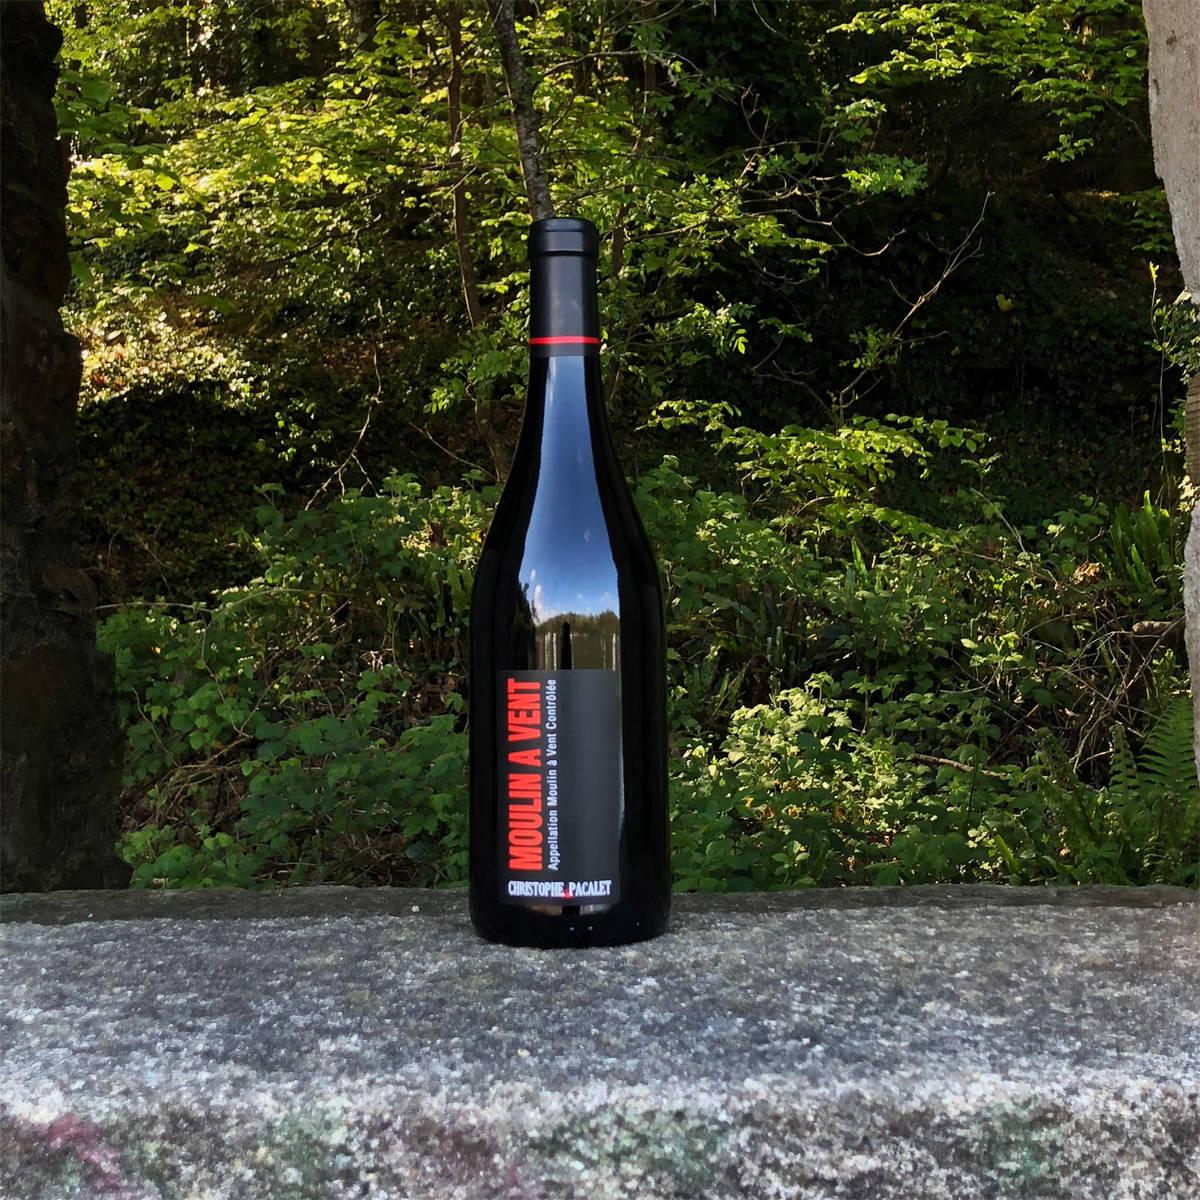 france, vin nature, rawwine, organic wine, vin bio, vin sans intrants, bistro brute, vin rouge, vin blanc, rouge, blanc, nature, vin propre, vigneron, vigneron indépendant, domaine bio, biodynamie, vigneron nature , christophe pacalet, moulin à vent, beaujolais